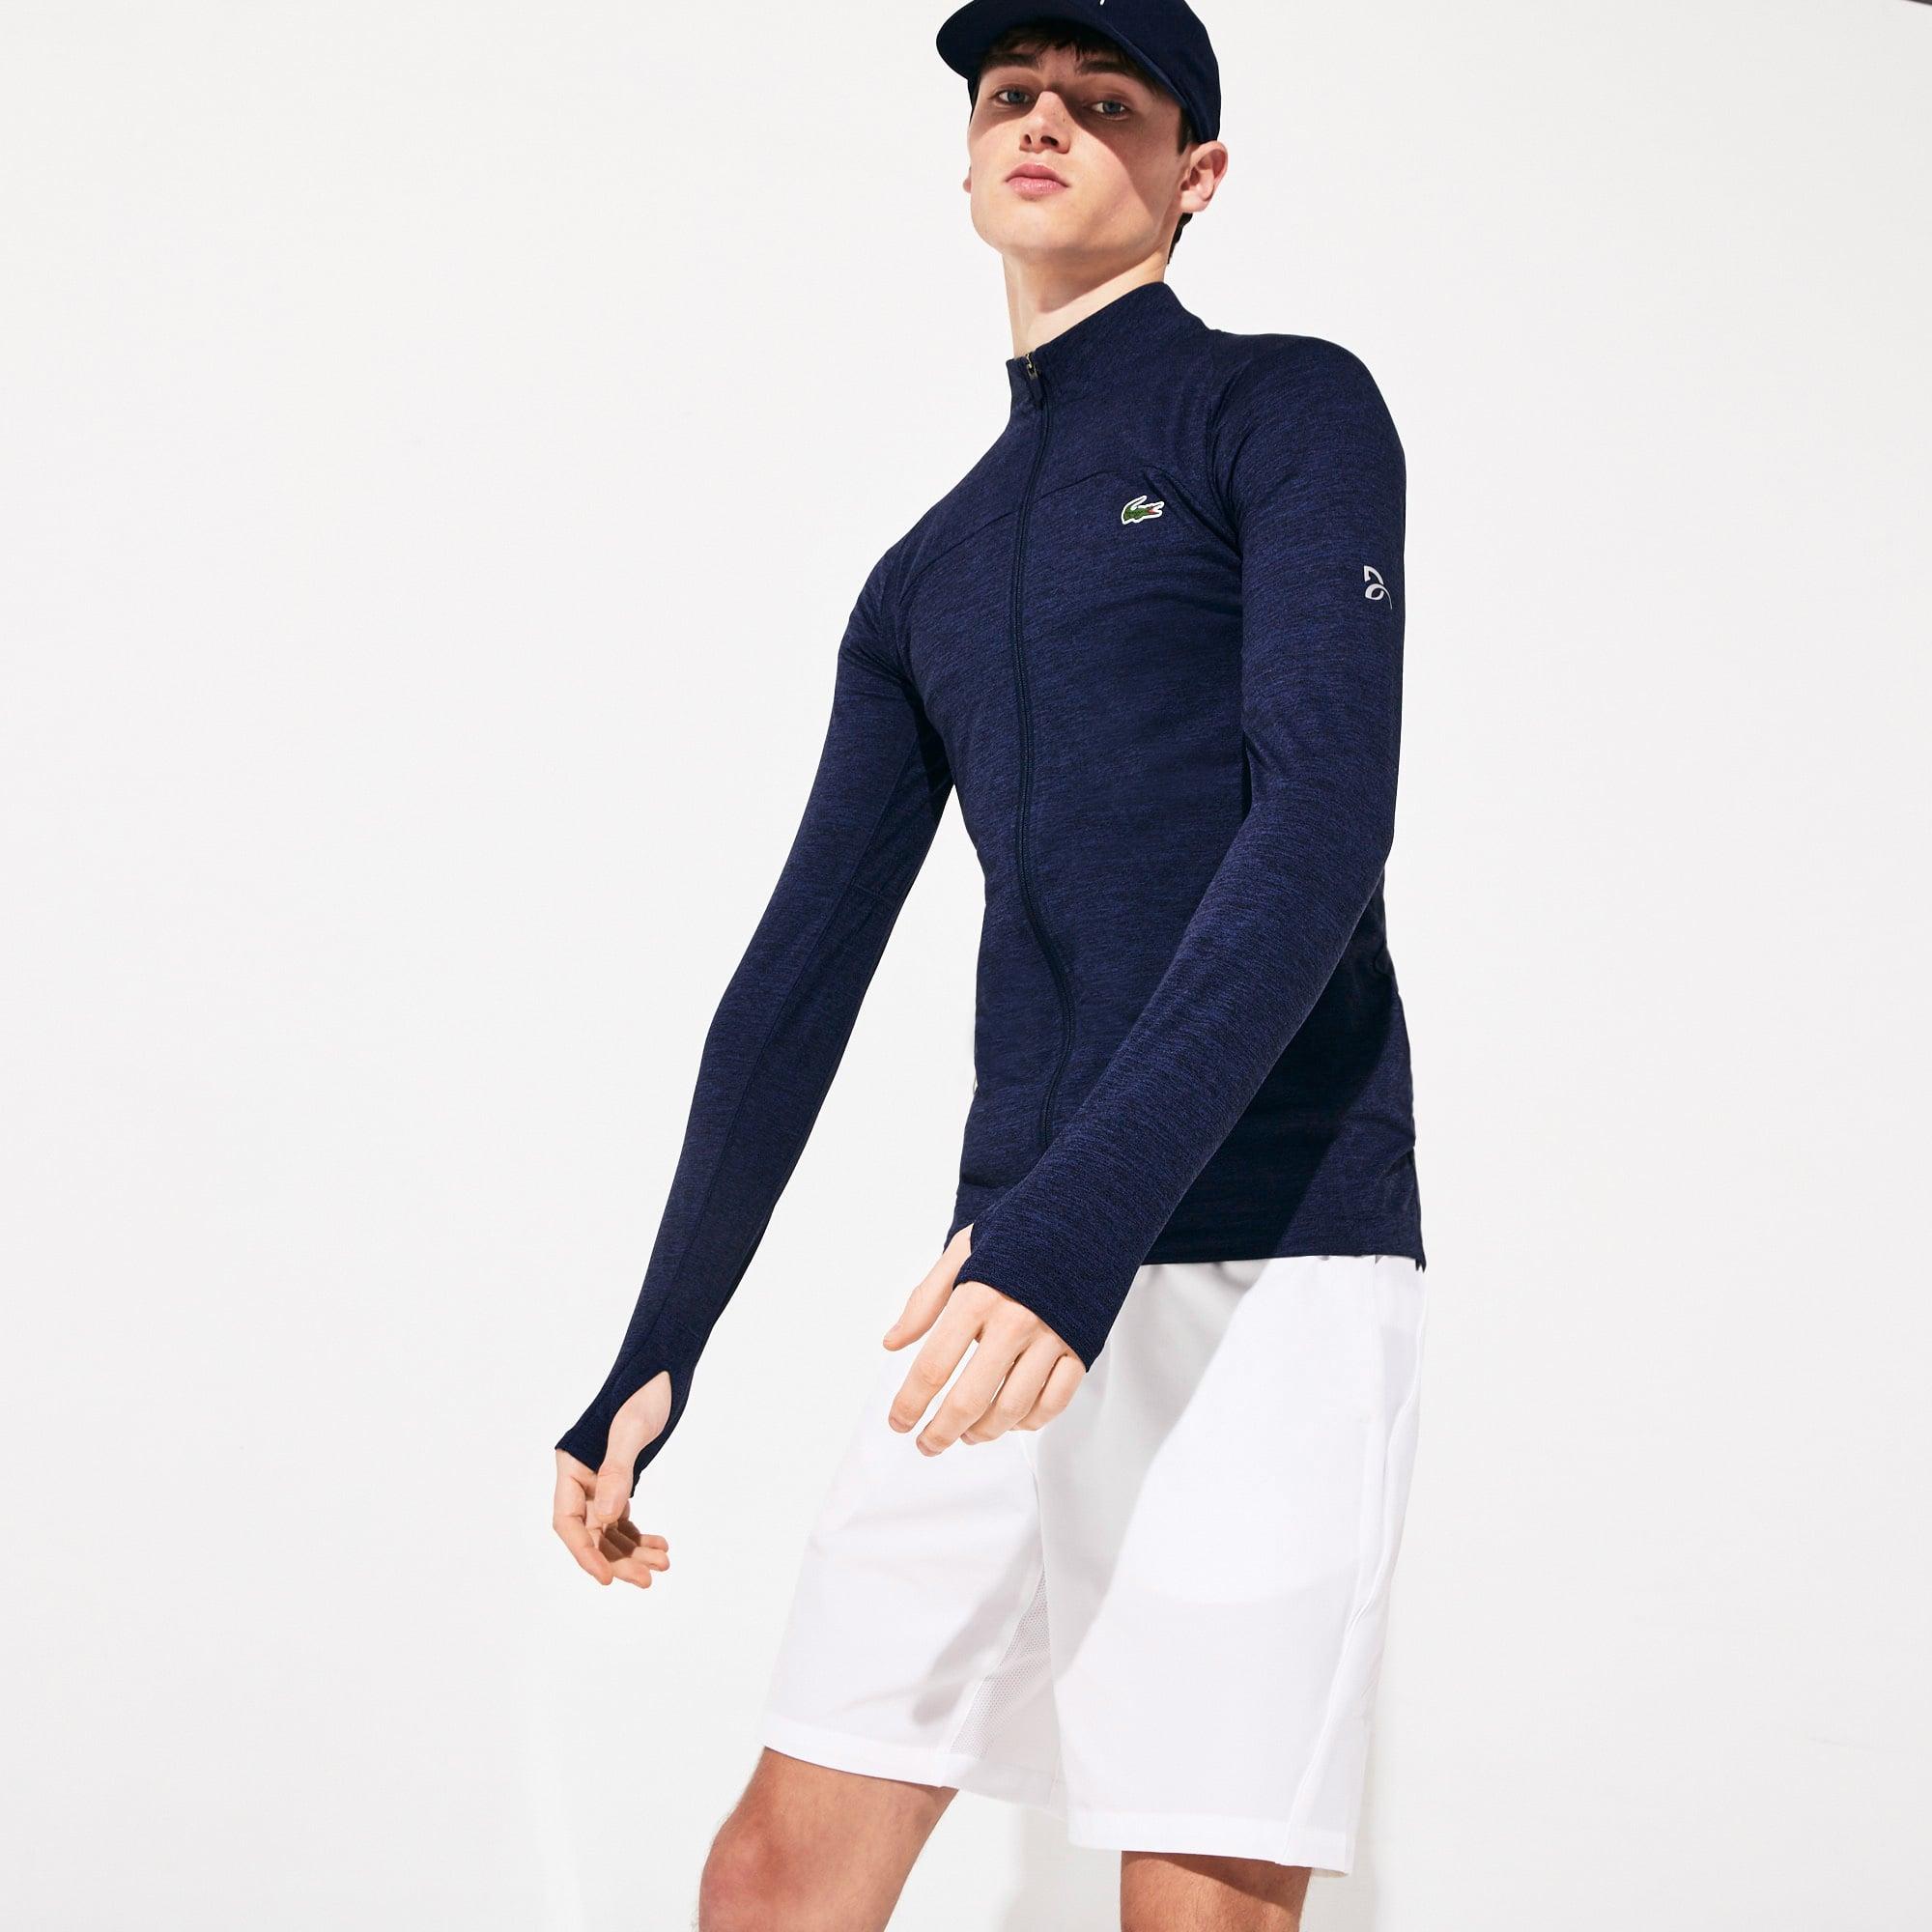 Blusão com zip stretch da coleção Novak Djokovic x Lacoste SPORT para homem